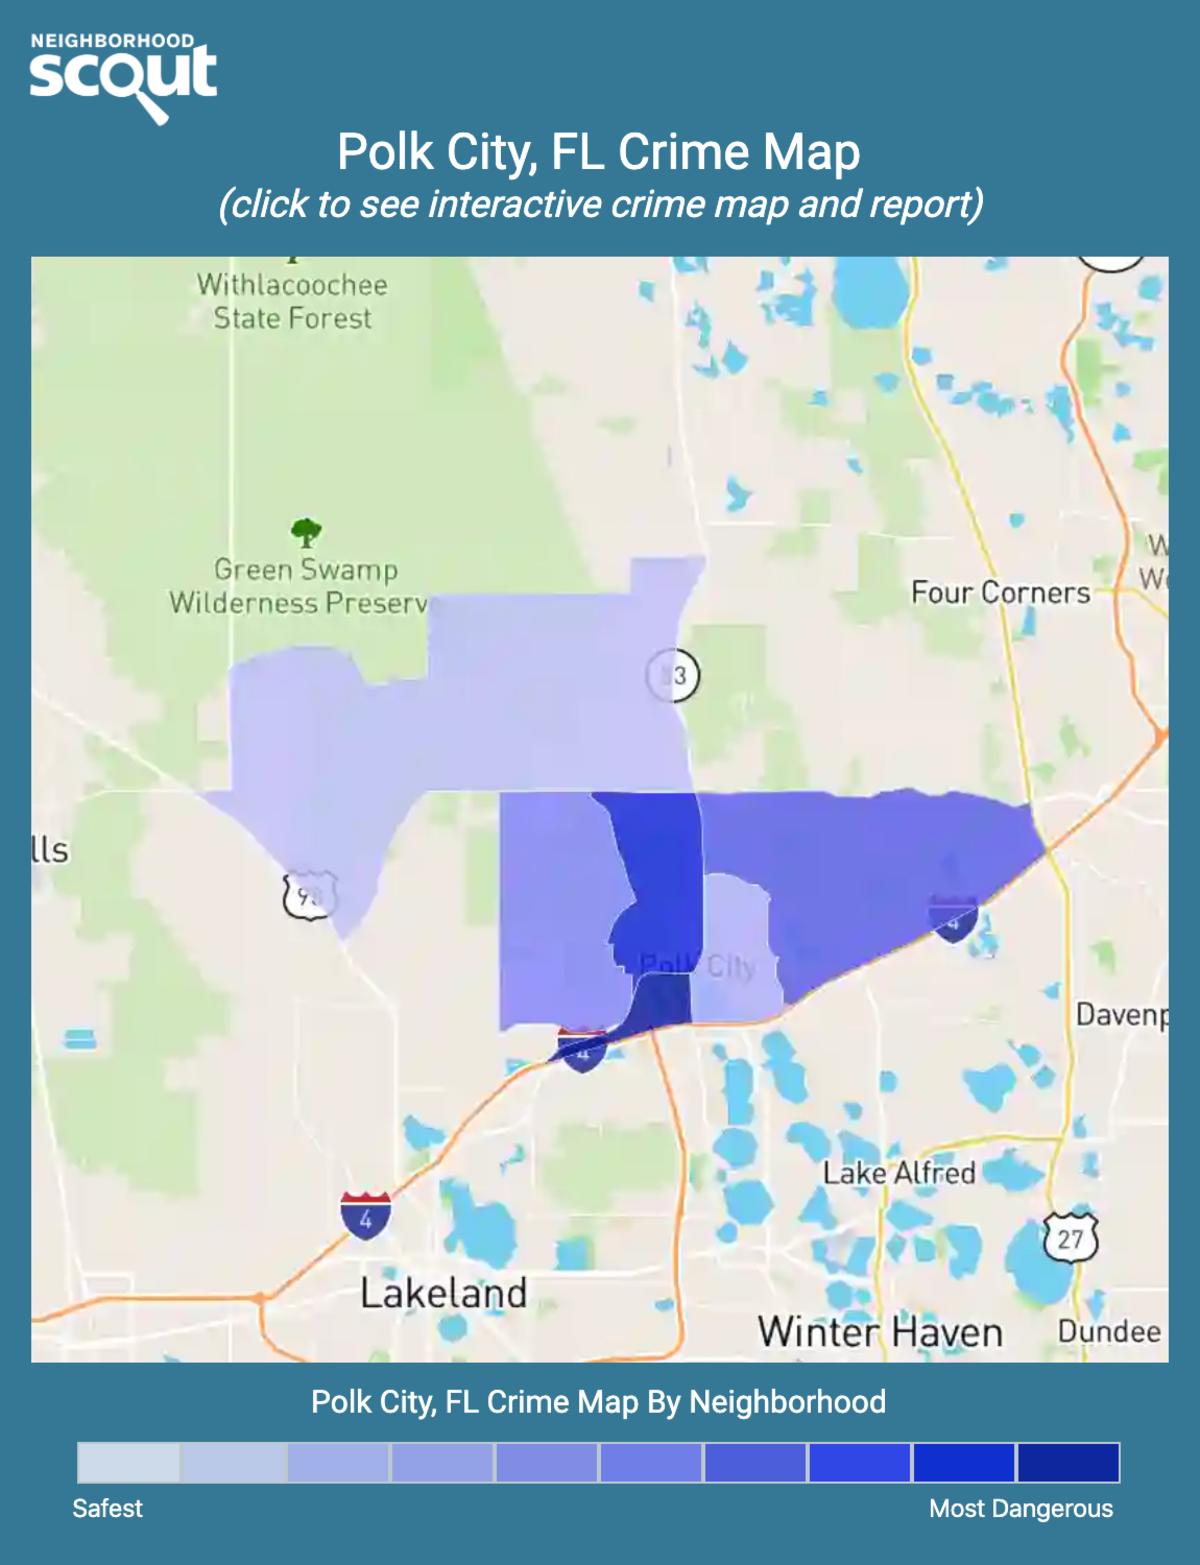 Polk City, Florida crime map